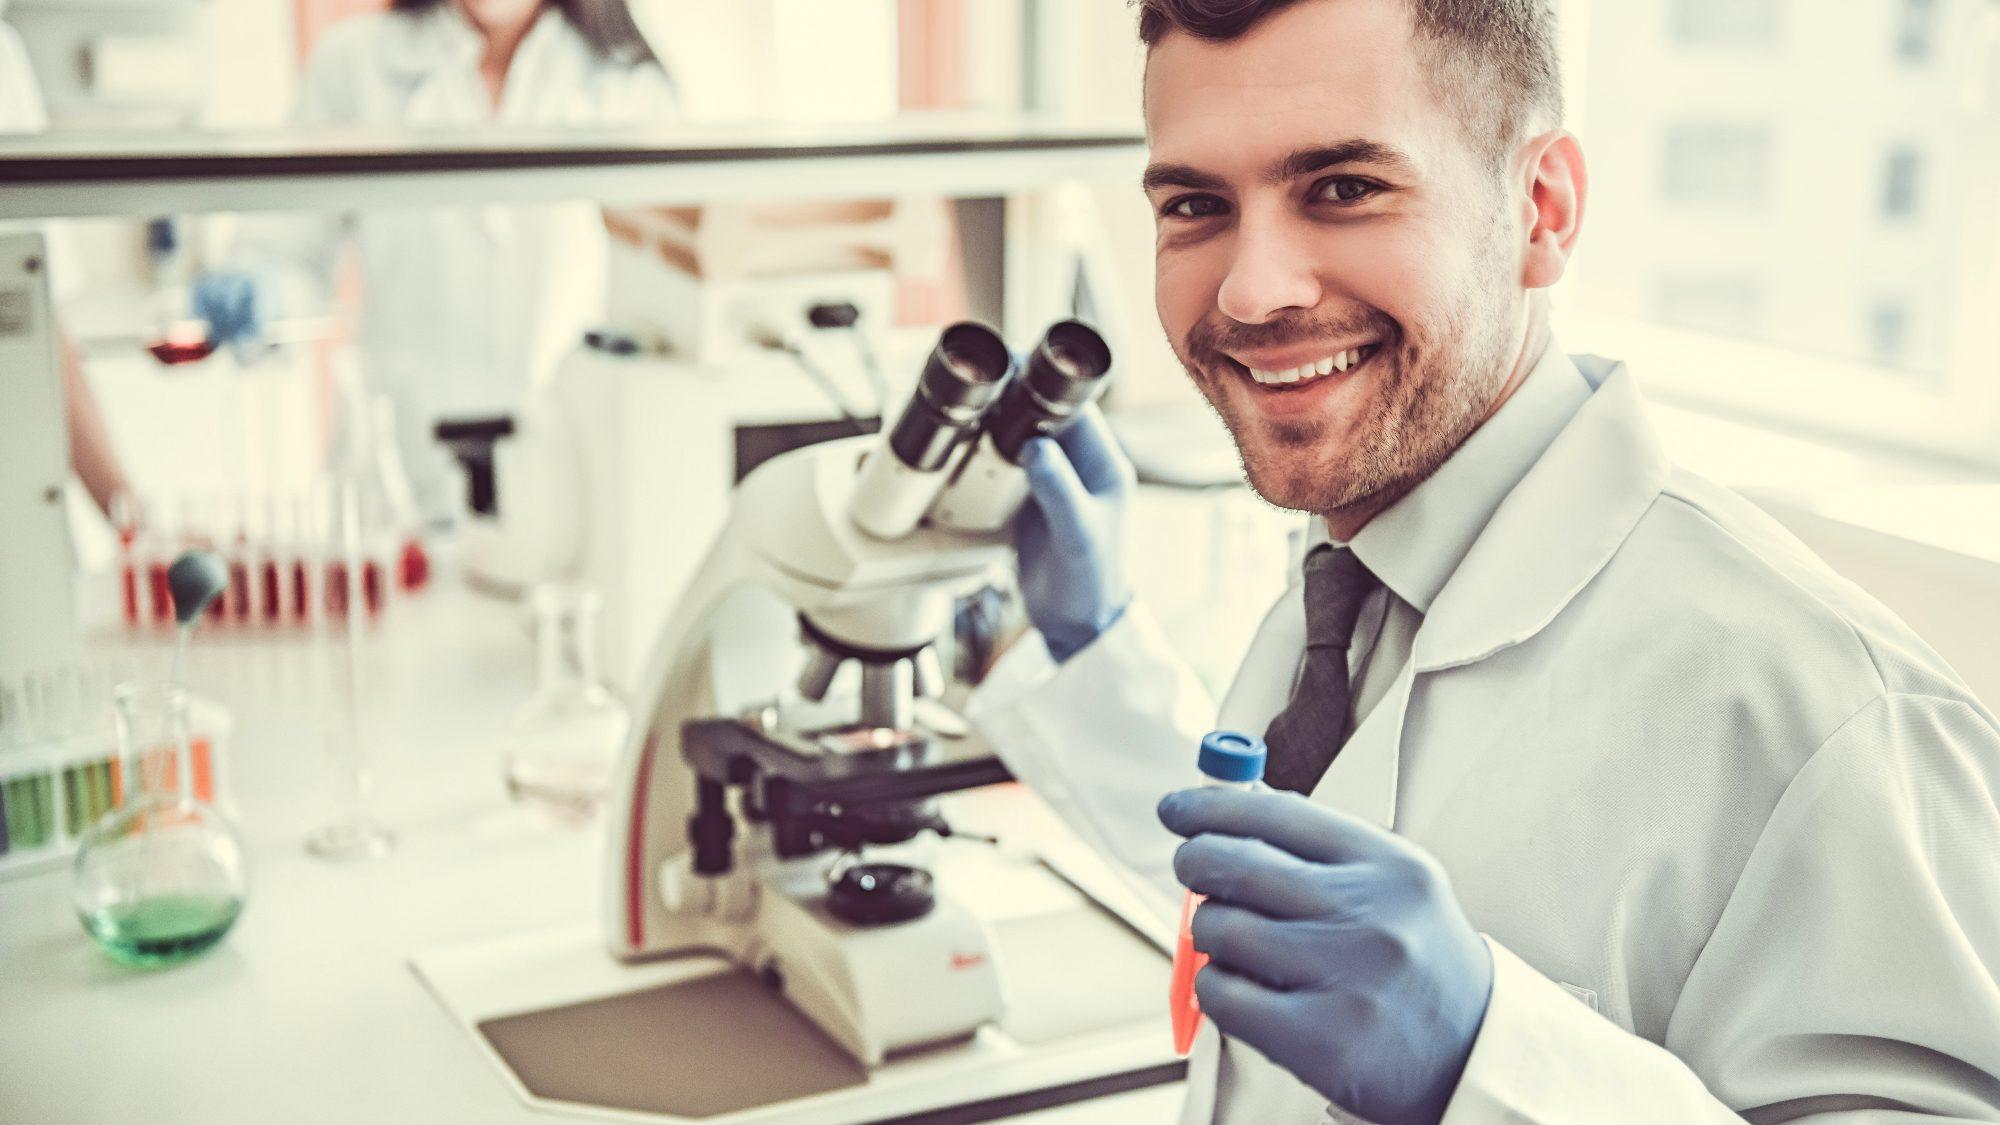 Premieră in România: a fost lansat primul tratament cu celule stem specializate - Stem Sure